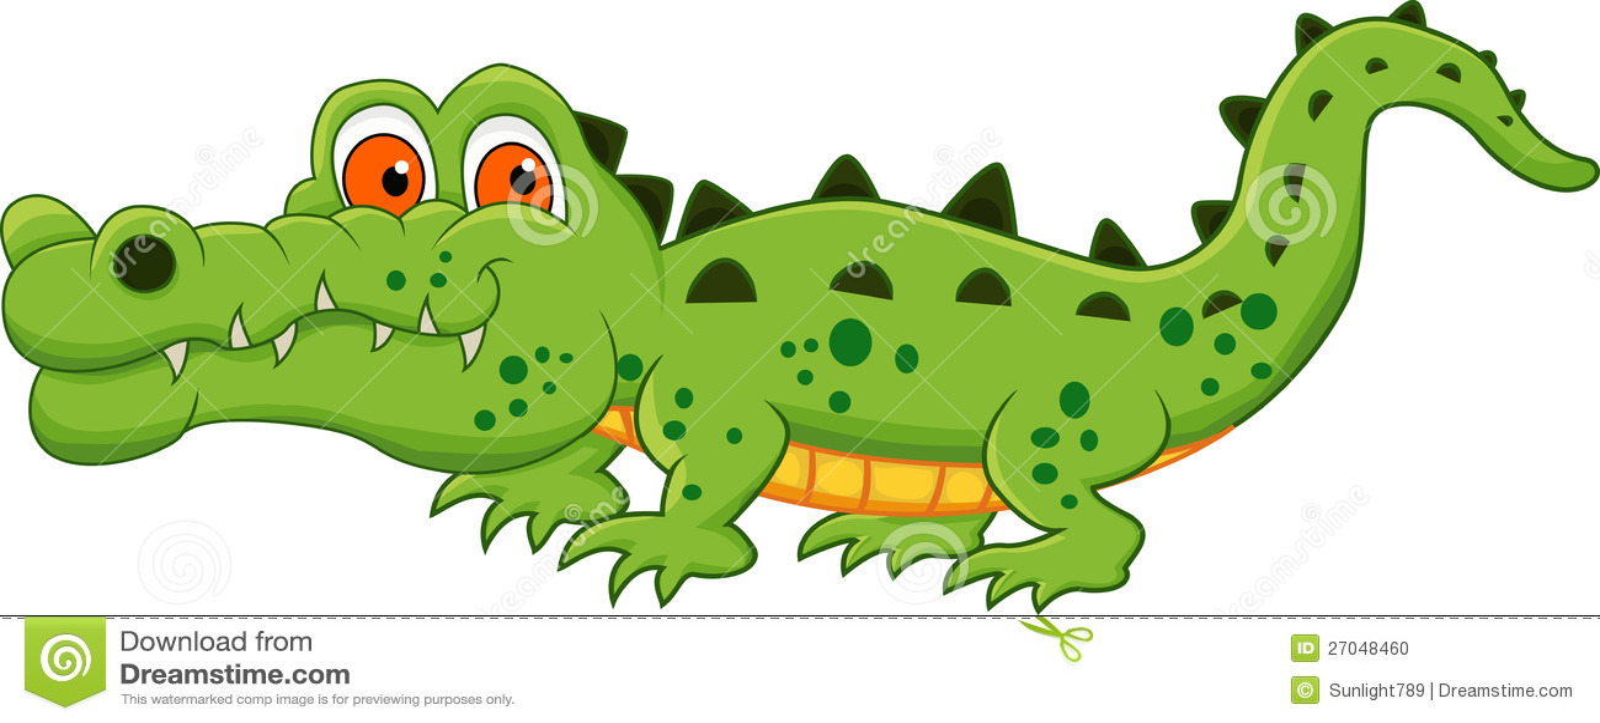 Crocodile cartoon stock photo image 27048460 - Dessin anime de crocodile ...